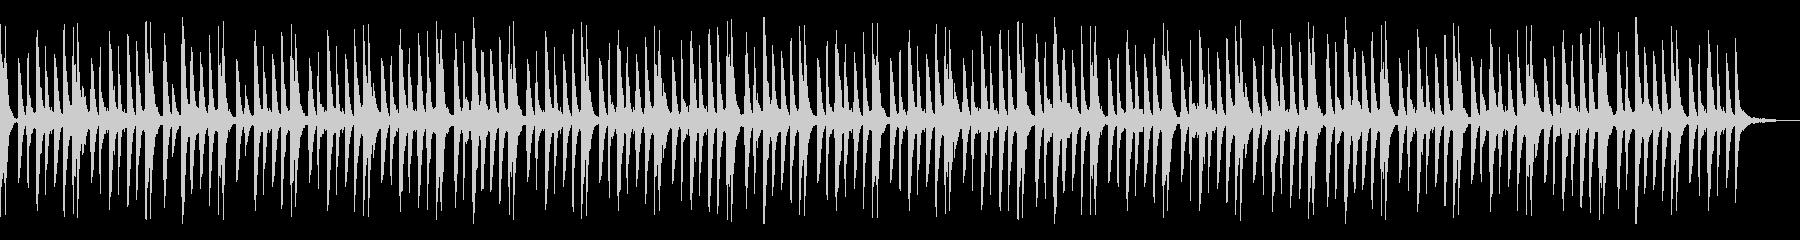 優しいヴォイスのエレクトロシーケンスの未再生の波形